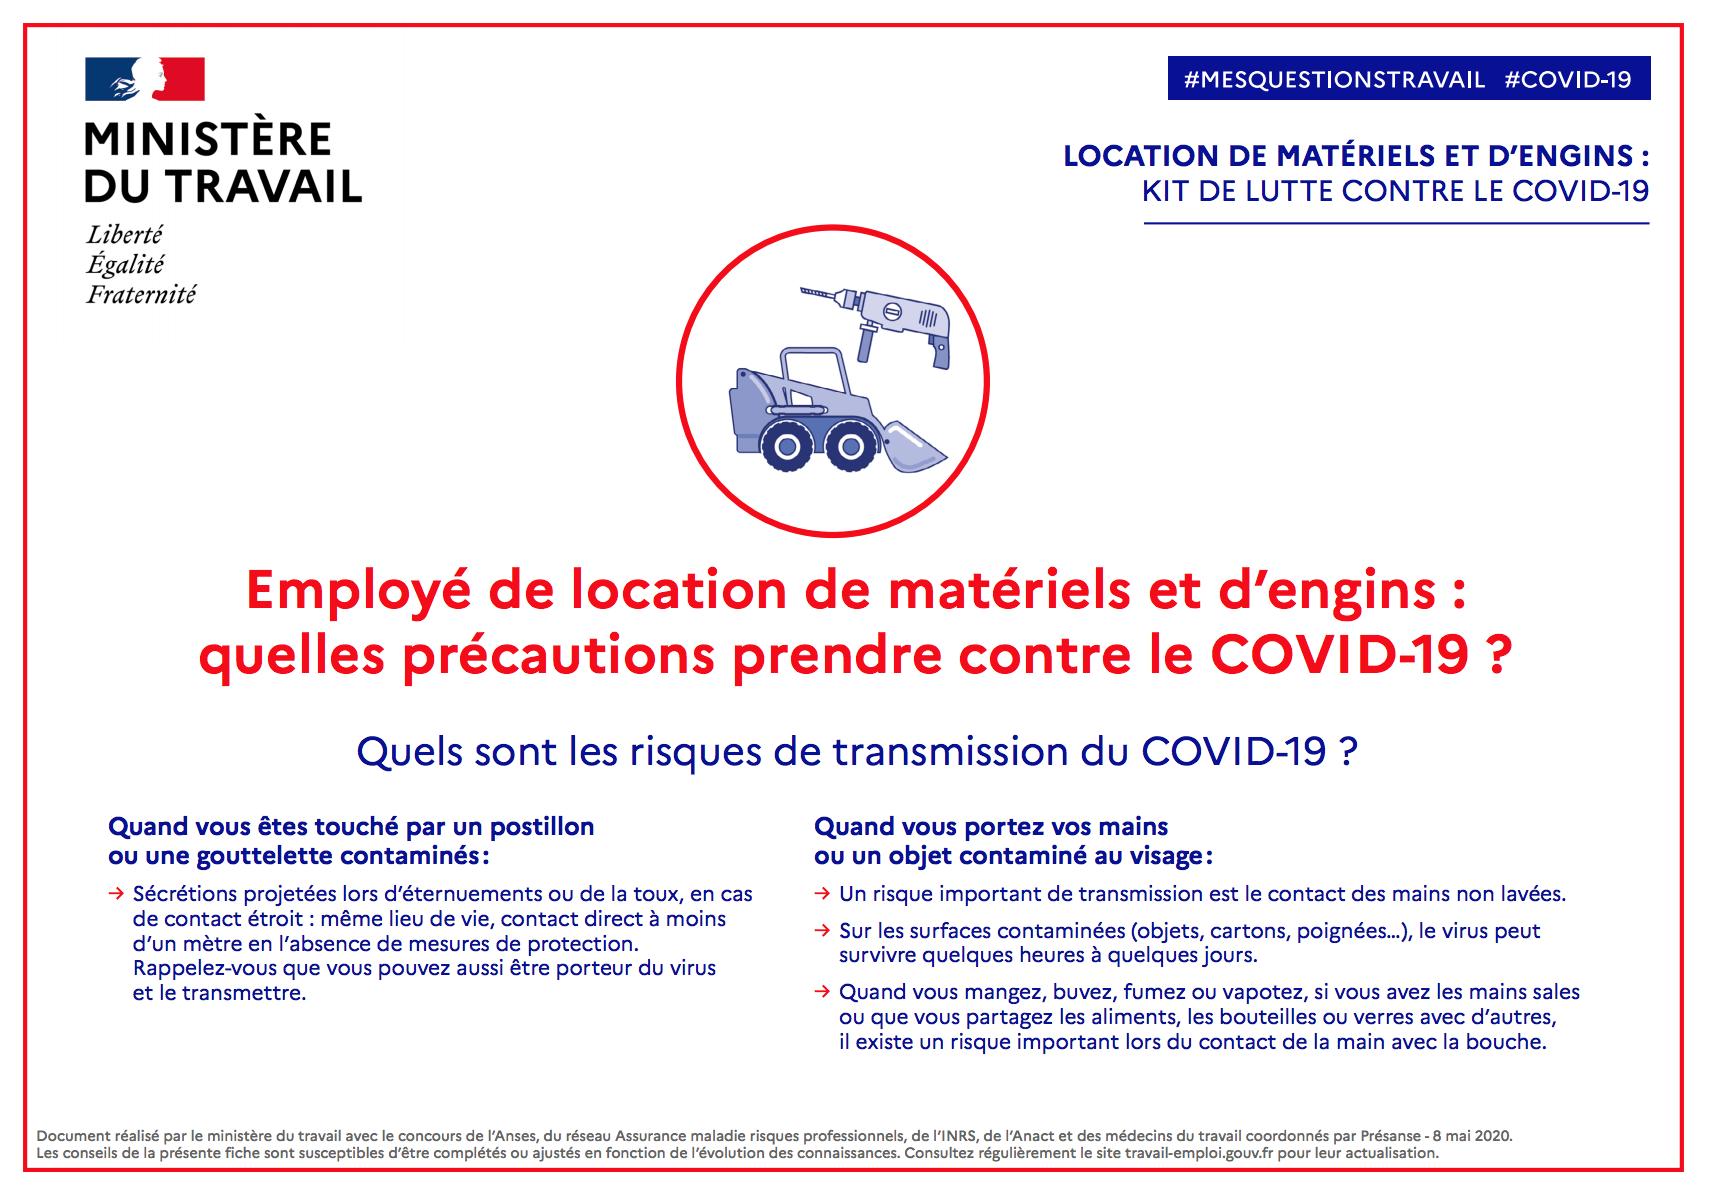 Document Gouvernemental Location De matériel et d'engins